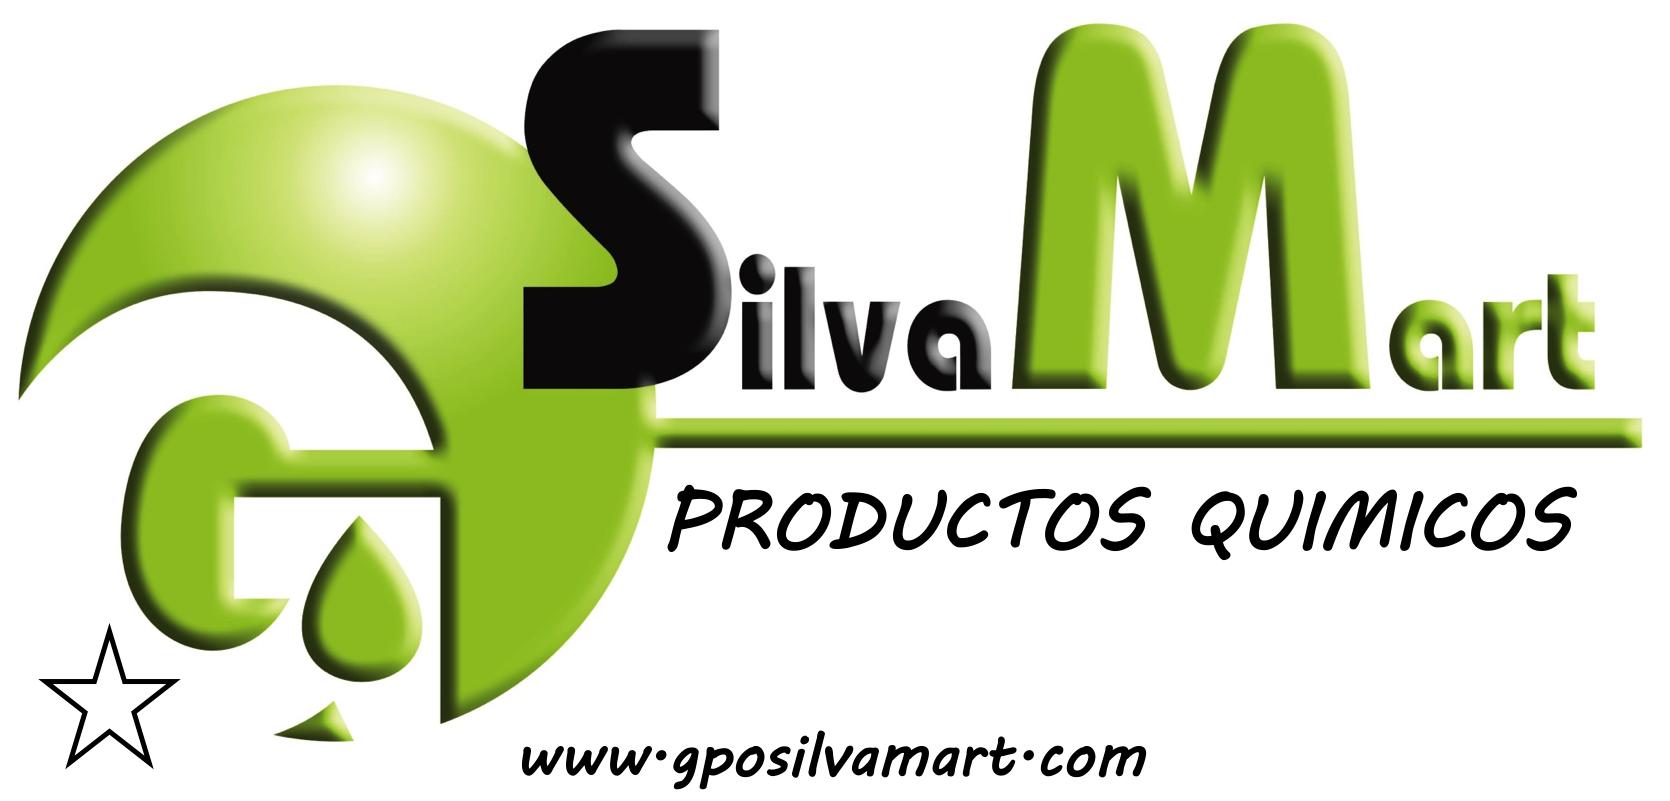 Silvamart